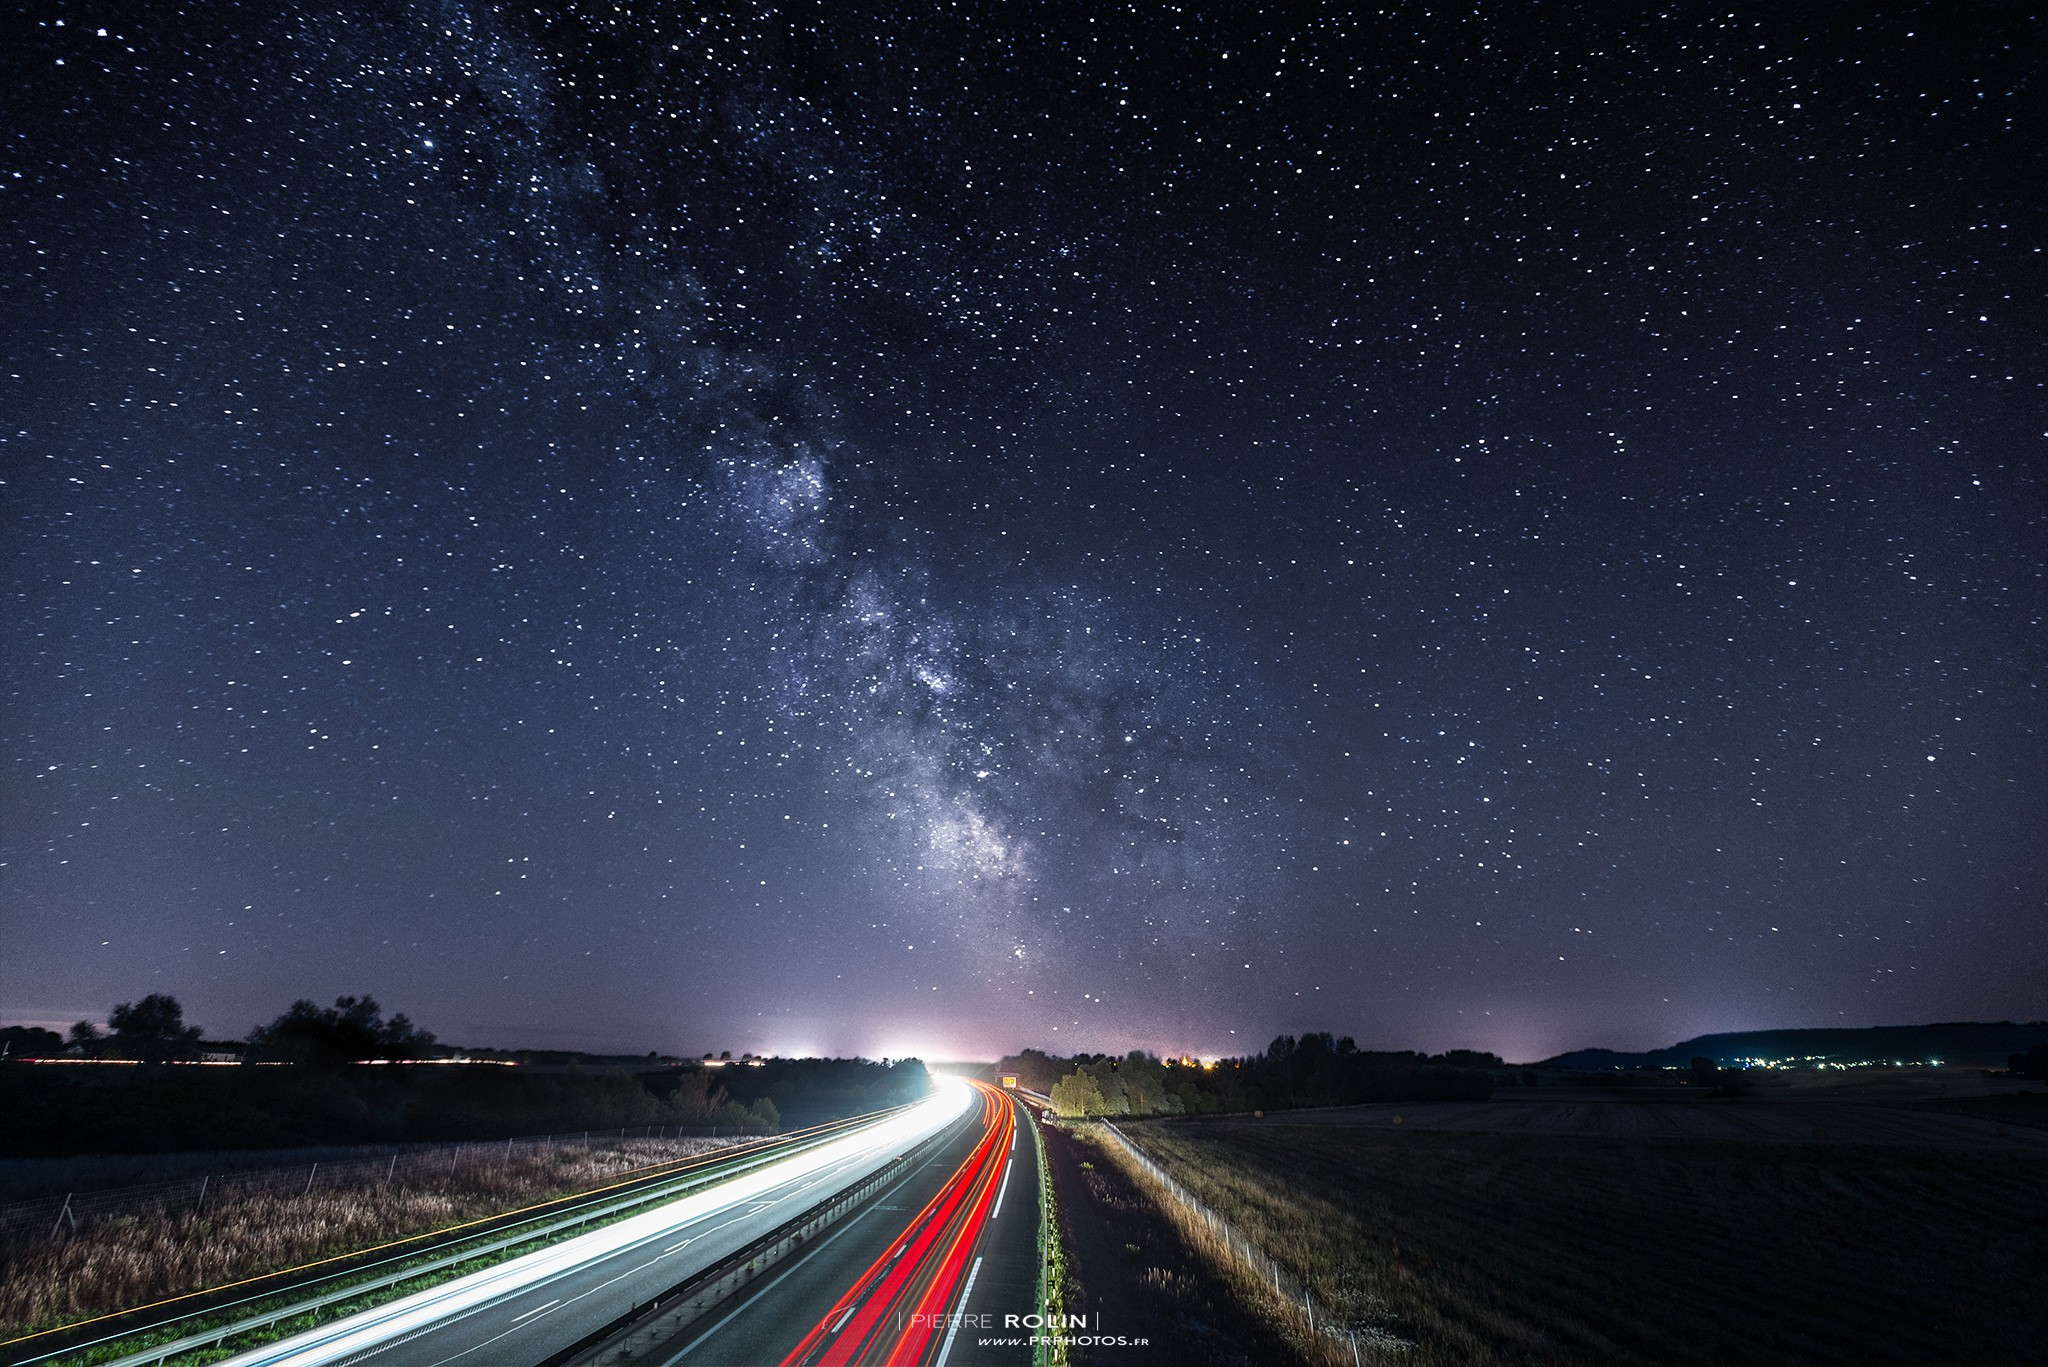 Voie lactée & autoroute | Paysage de nuit © Pierre ROLIN - Photographe Nancy - Lorraine / Grand Est